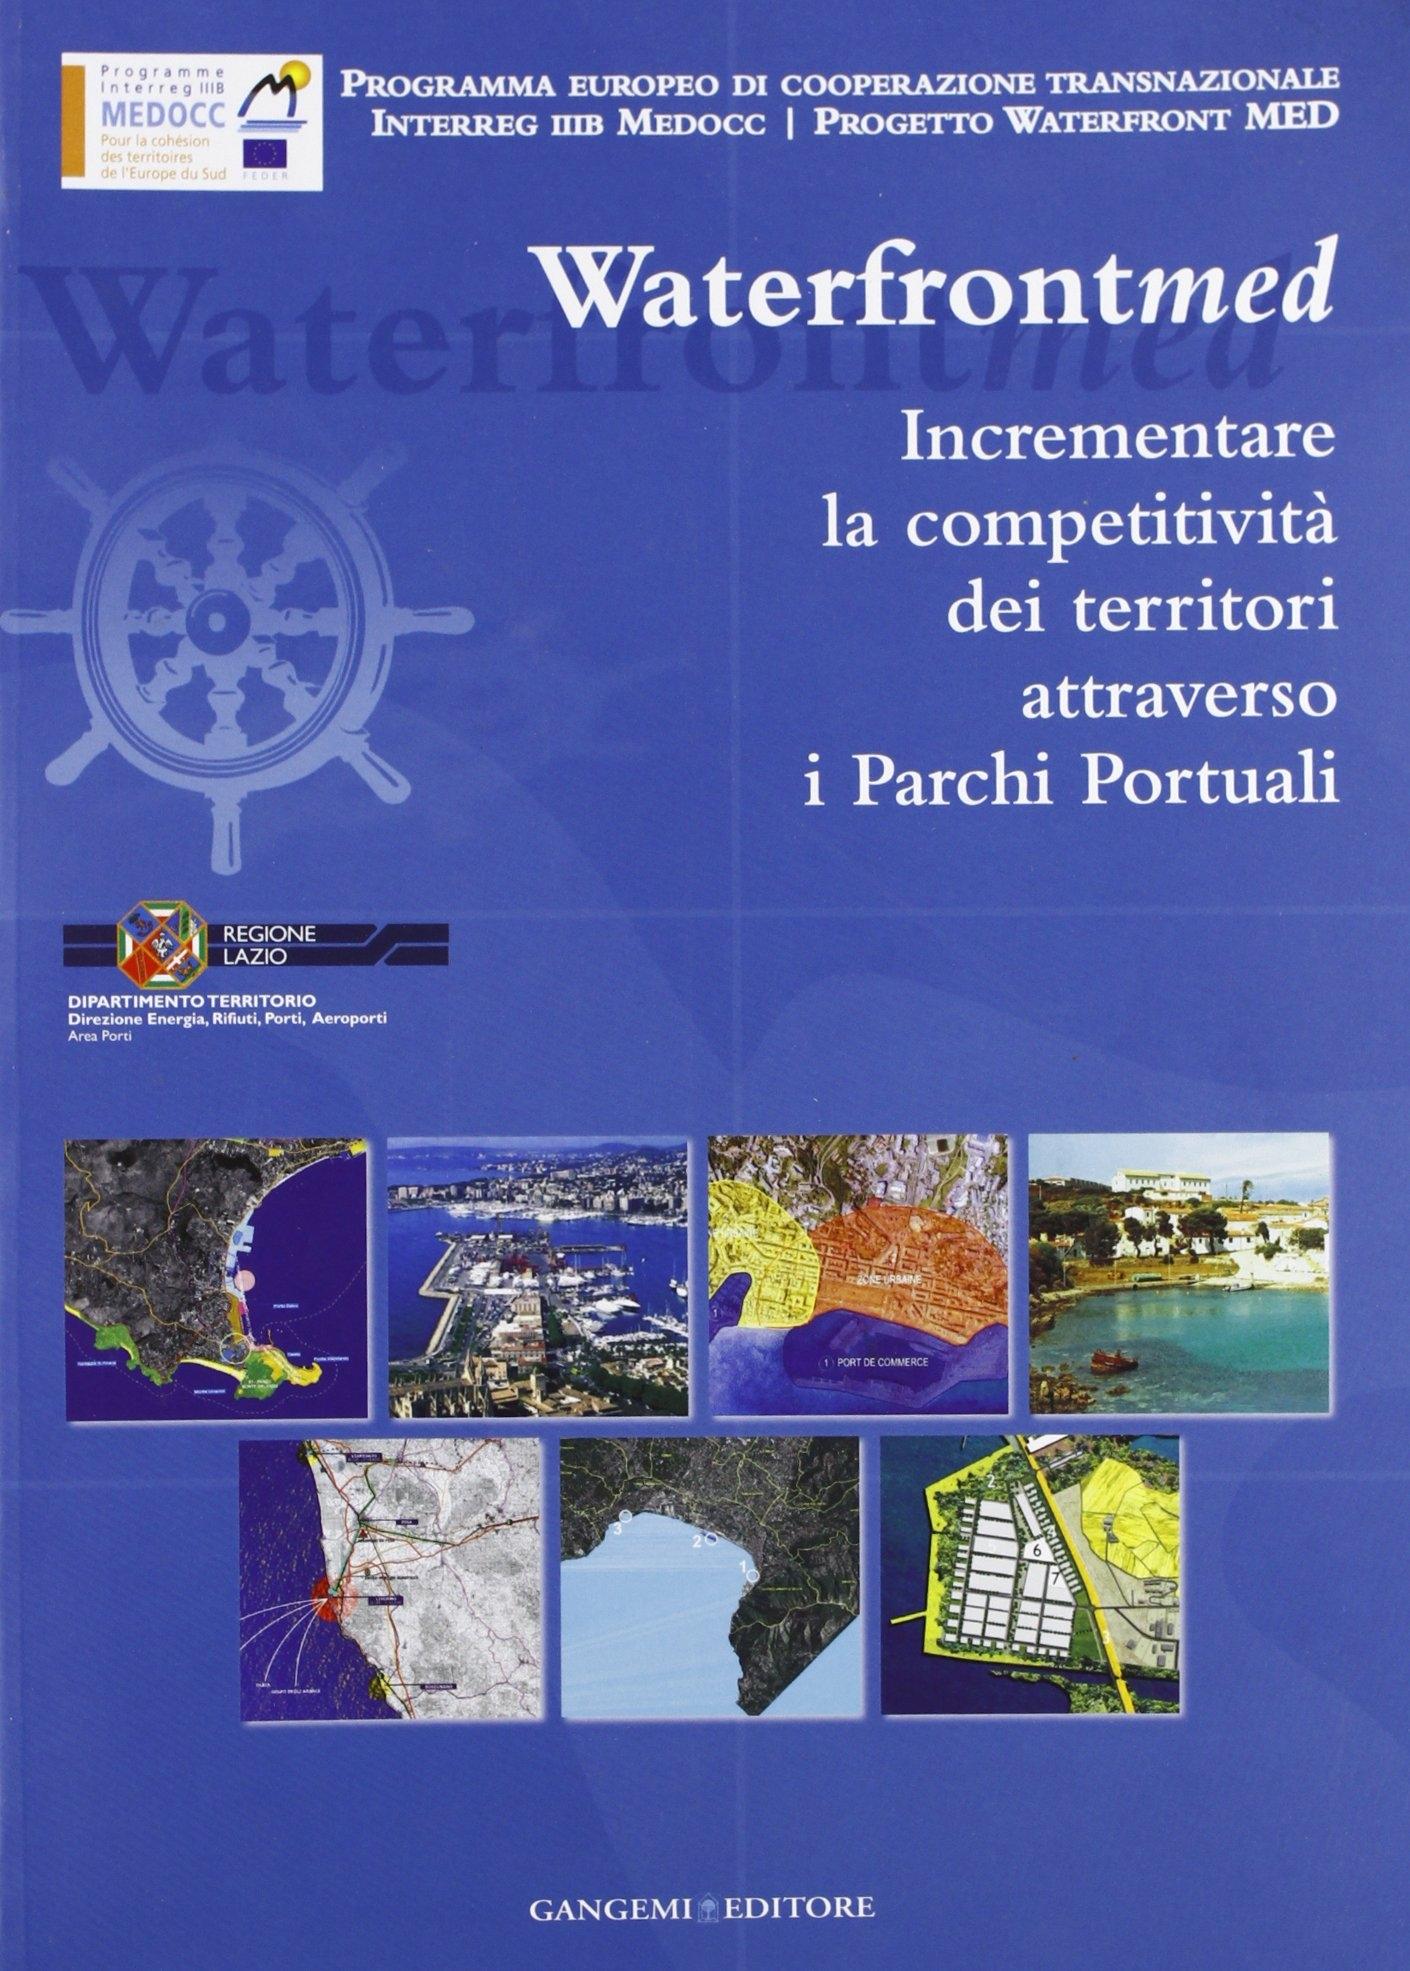 Incrementare la competitività dei territori attraverso i Parchi Portuali. Waterfront MED